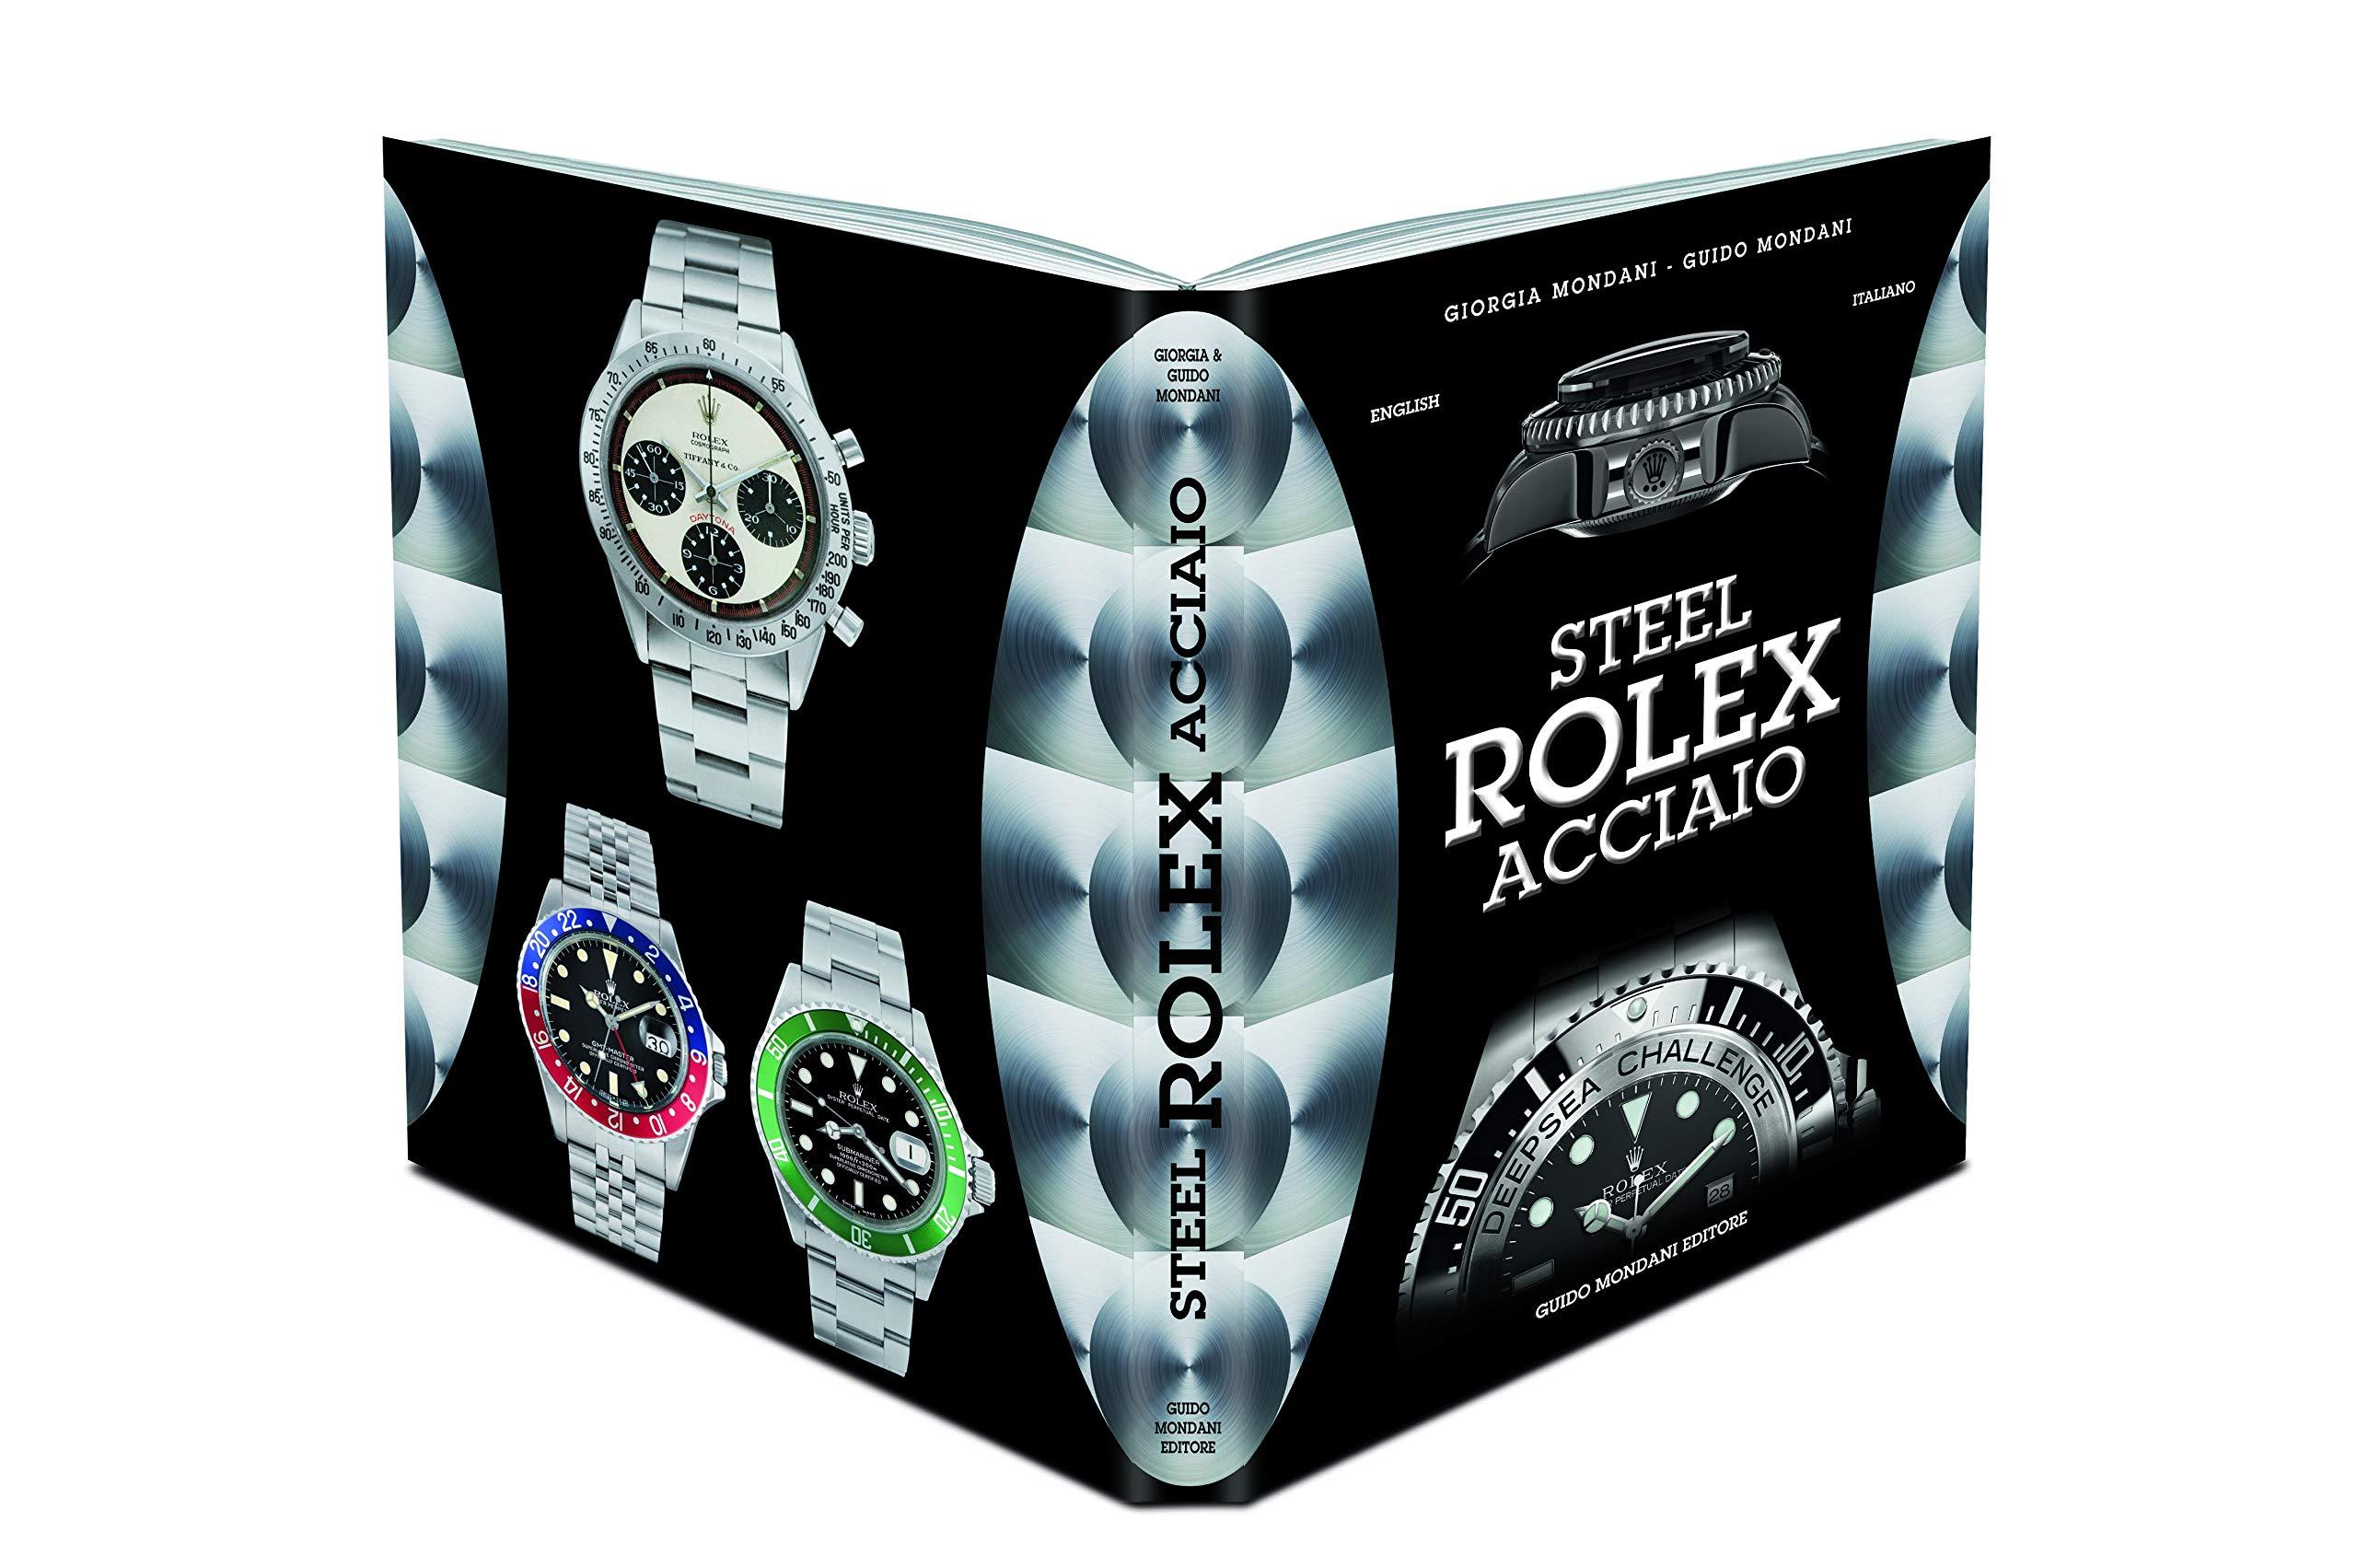 Steel Rolex Acciaio